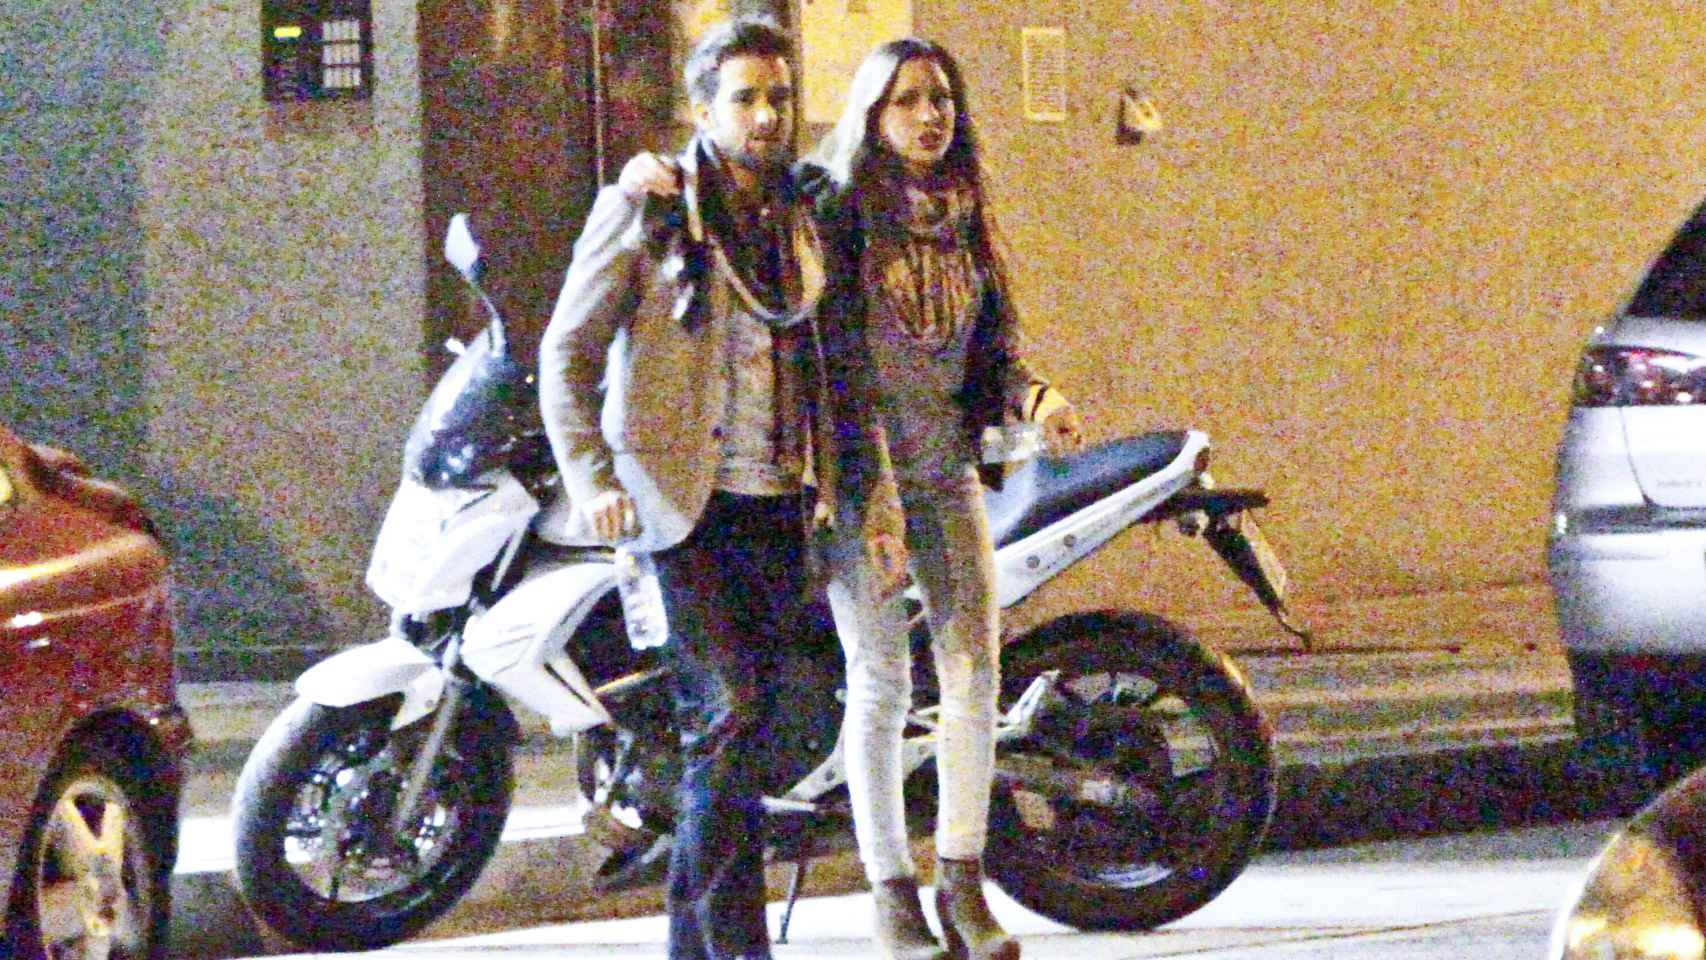 La última vez que se le vio con su novia Marta fue en febrero de 2012 en Marbella